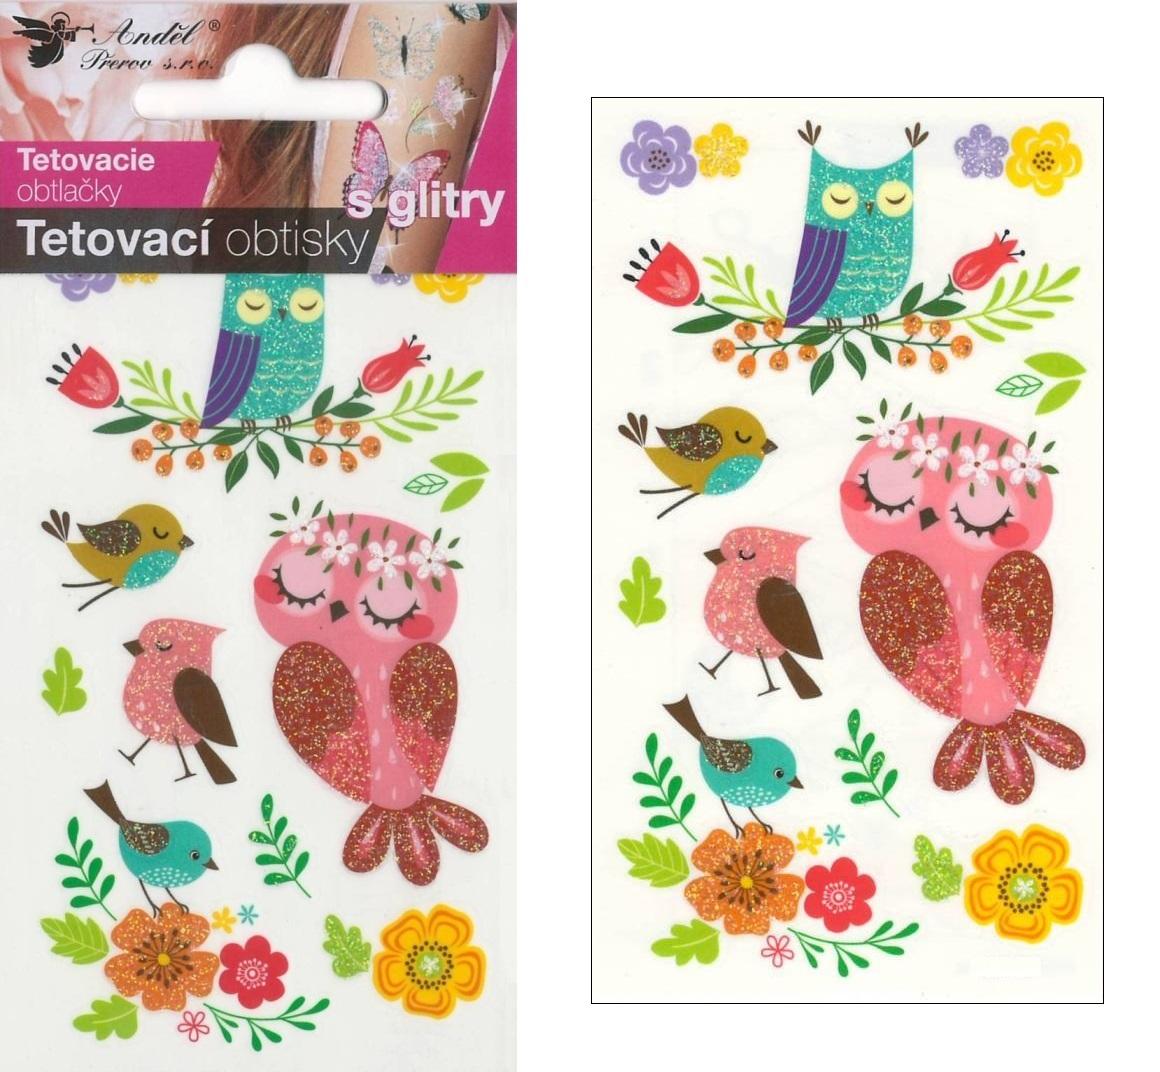 Obtisky tetovací s glitry 10,5x6 cm- sovy (1100)